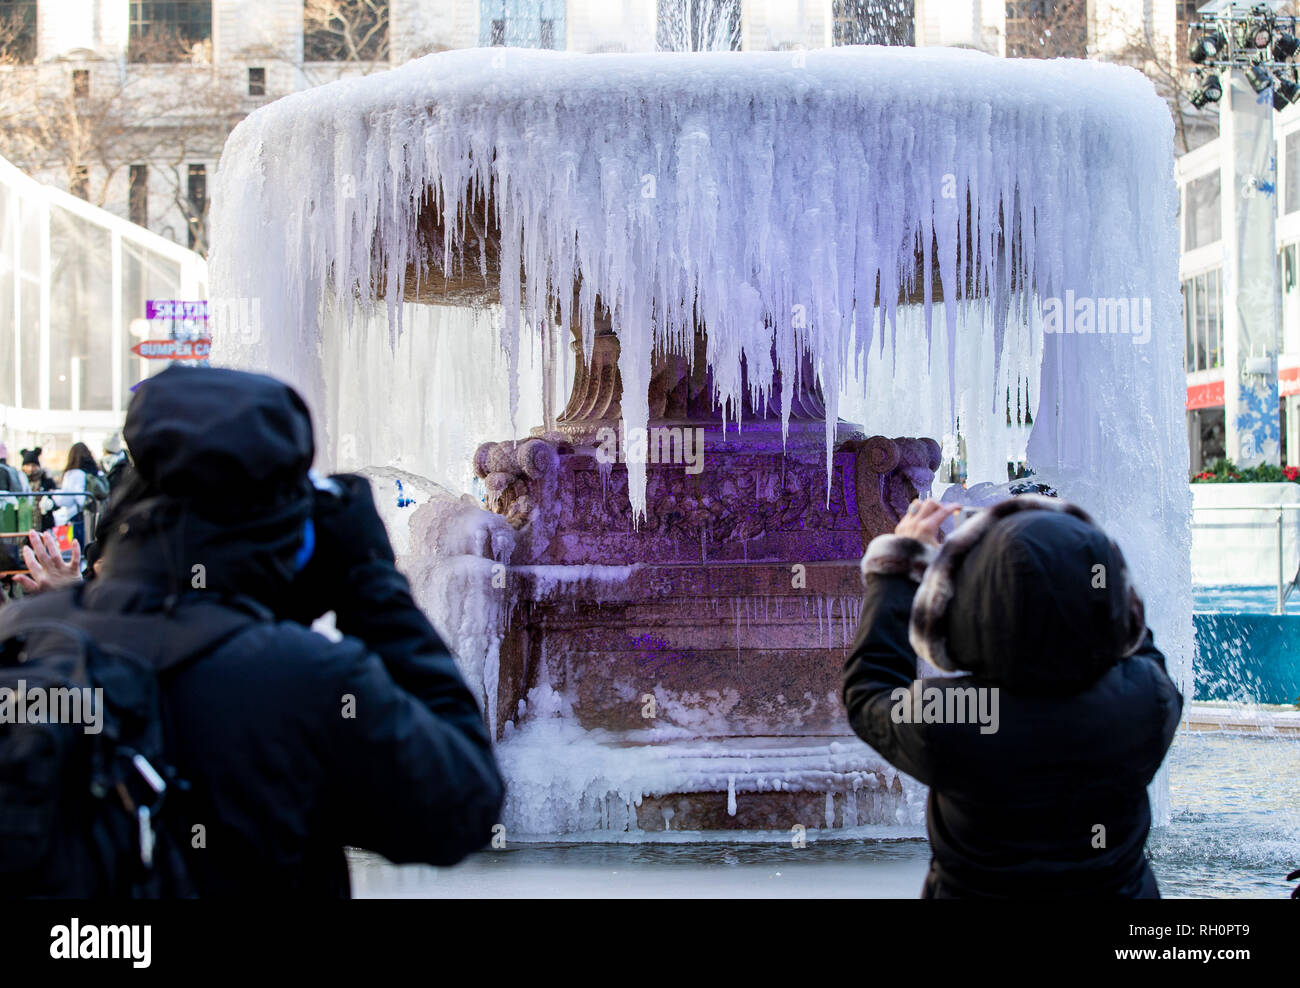 New York, USA. Jan 31, 2019. Les gens de prendre des photos en face d'une fontaine en Bryant Park à New York, États-Unis, le 31 janvier 2019. Le temps de gel causé par le vortex polaire dans le midwest des États-Unis s'est élargie pour New York depuis mercredi avec neige et de fortes rafales de vent, des températures à l'envoi de 10 degrés Fahrenheit, ou au-dessous de -12 degrés Celsius. Credit: Wang Ying/Xinhua/Alamy Live News Photo Stock